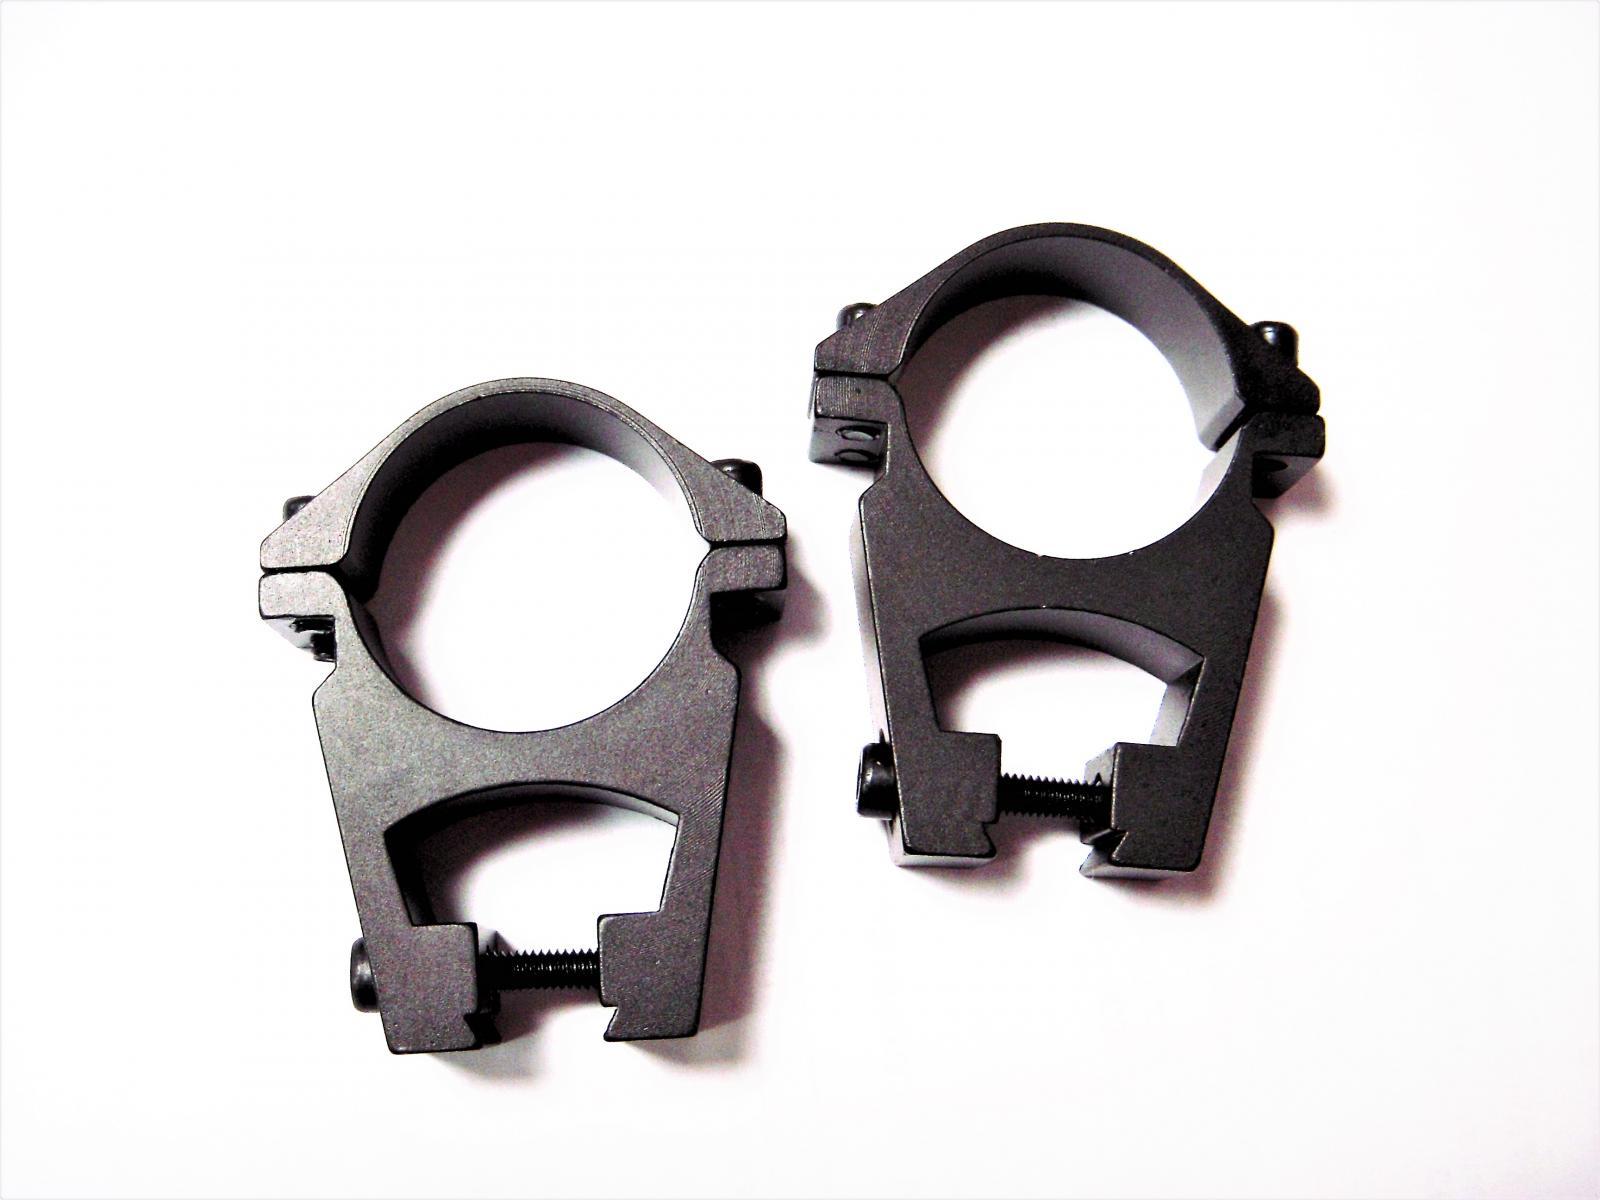 Colliers diamètre 30mm pour montage haut double visée rail 11mm